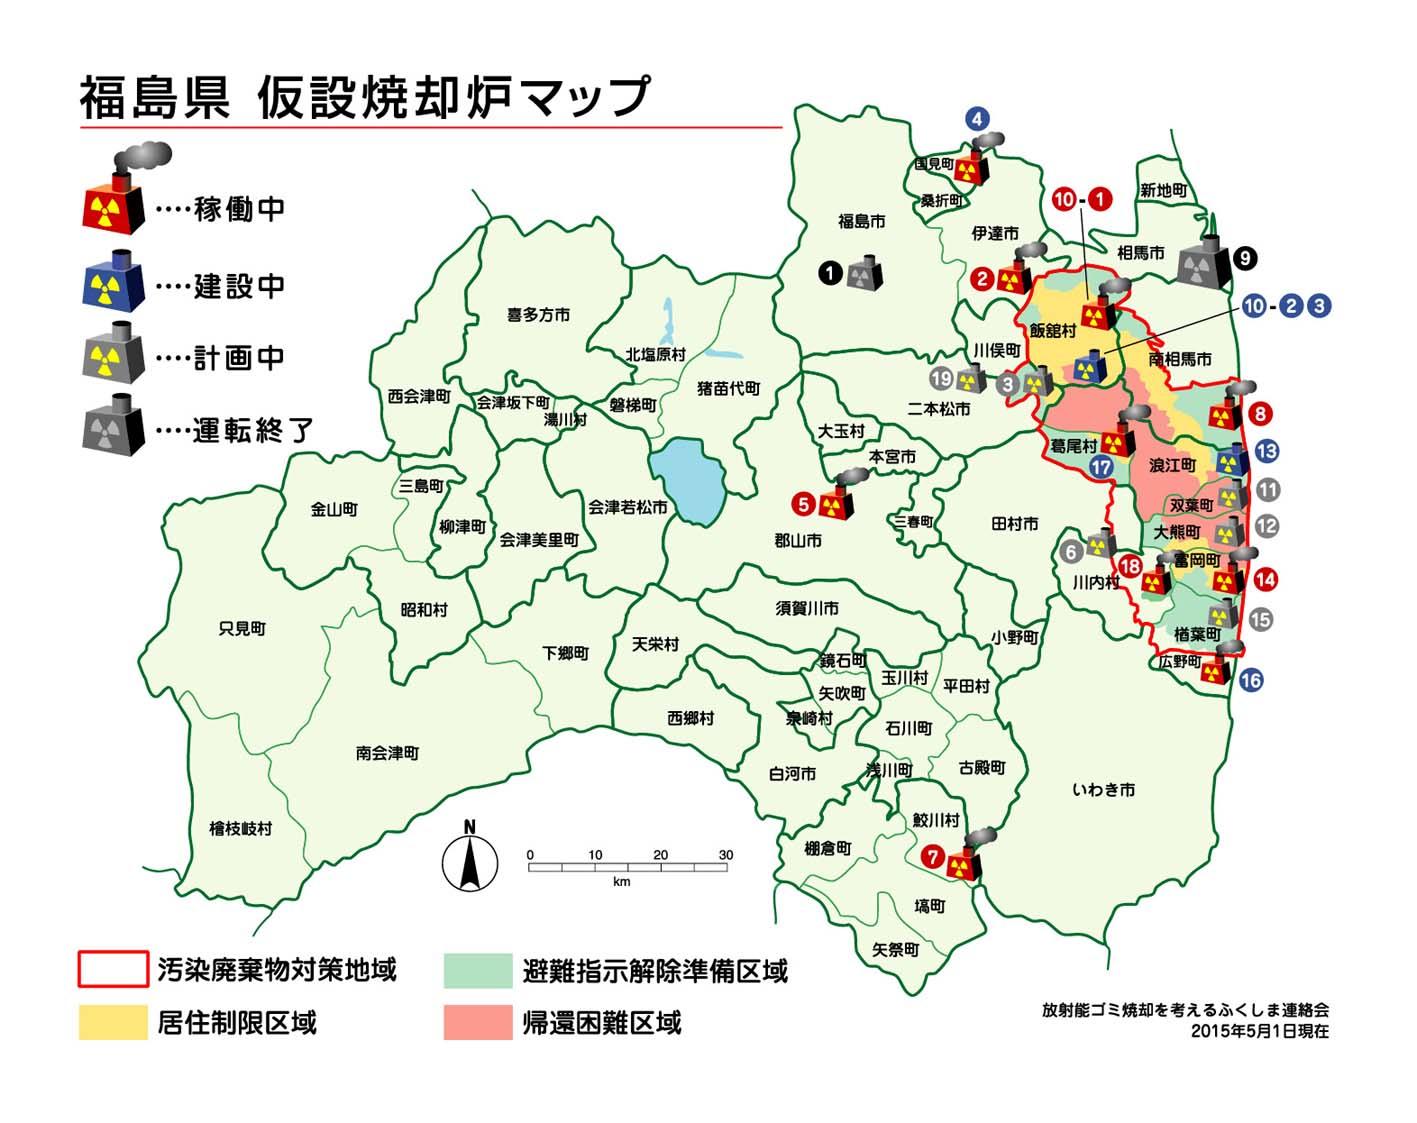 福島県マップColor